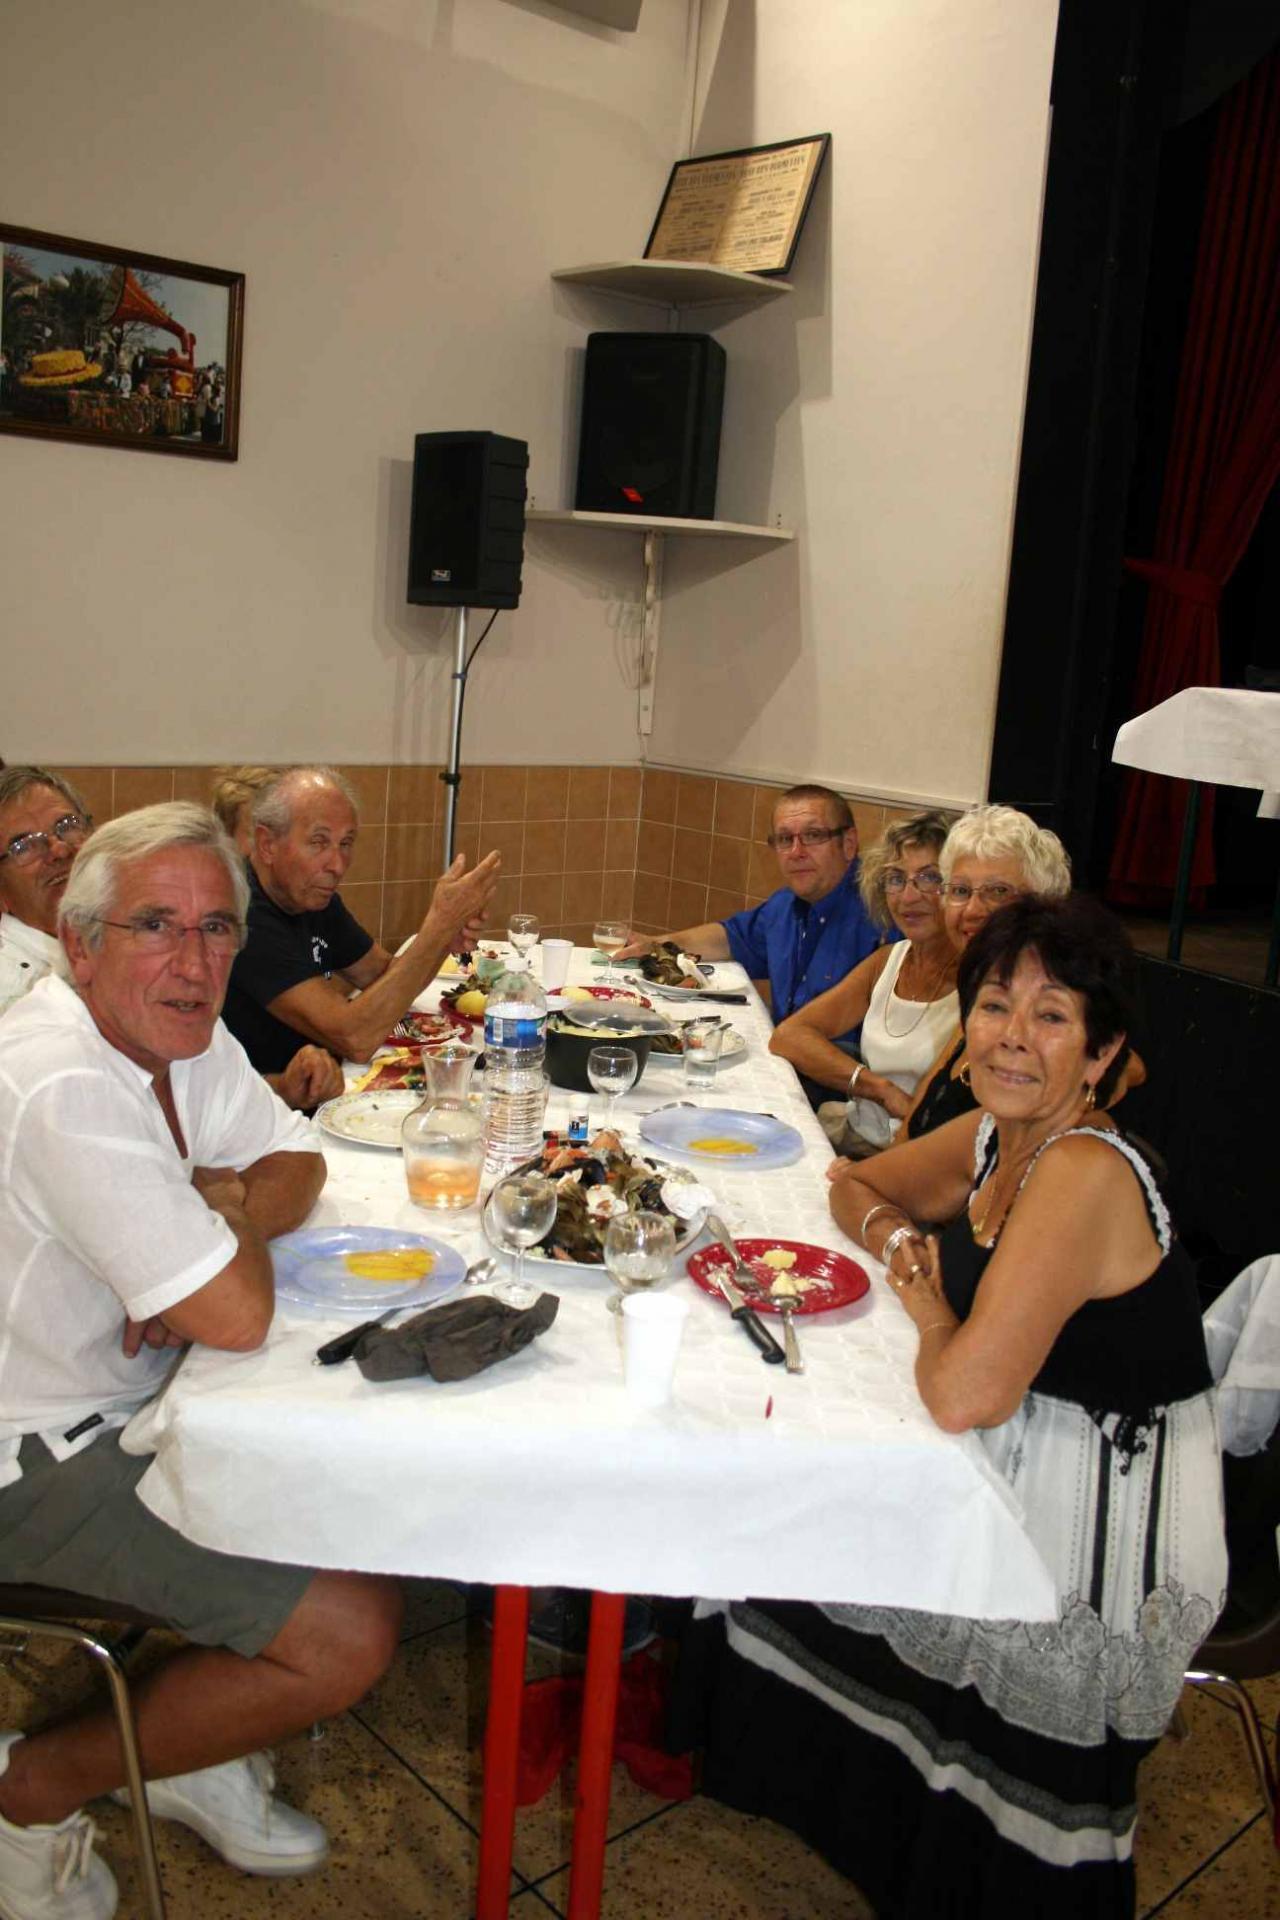 30 le repas,  une table 3